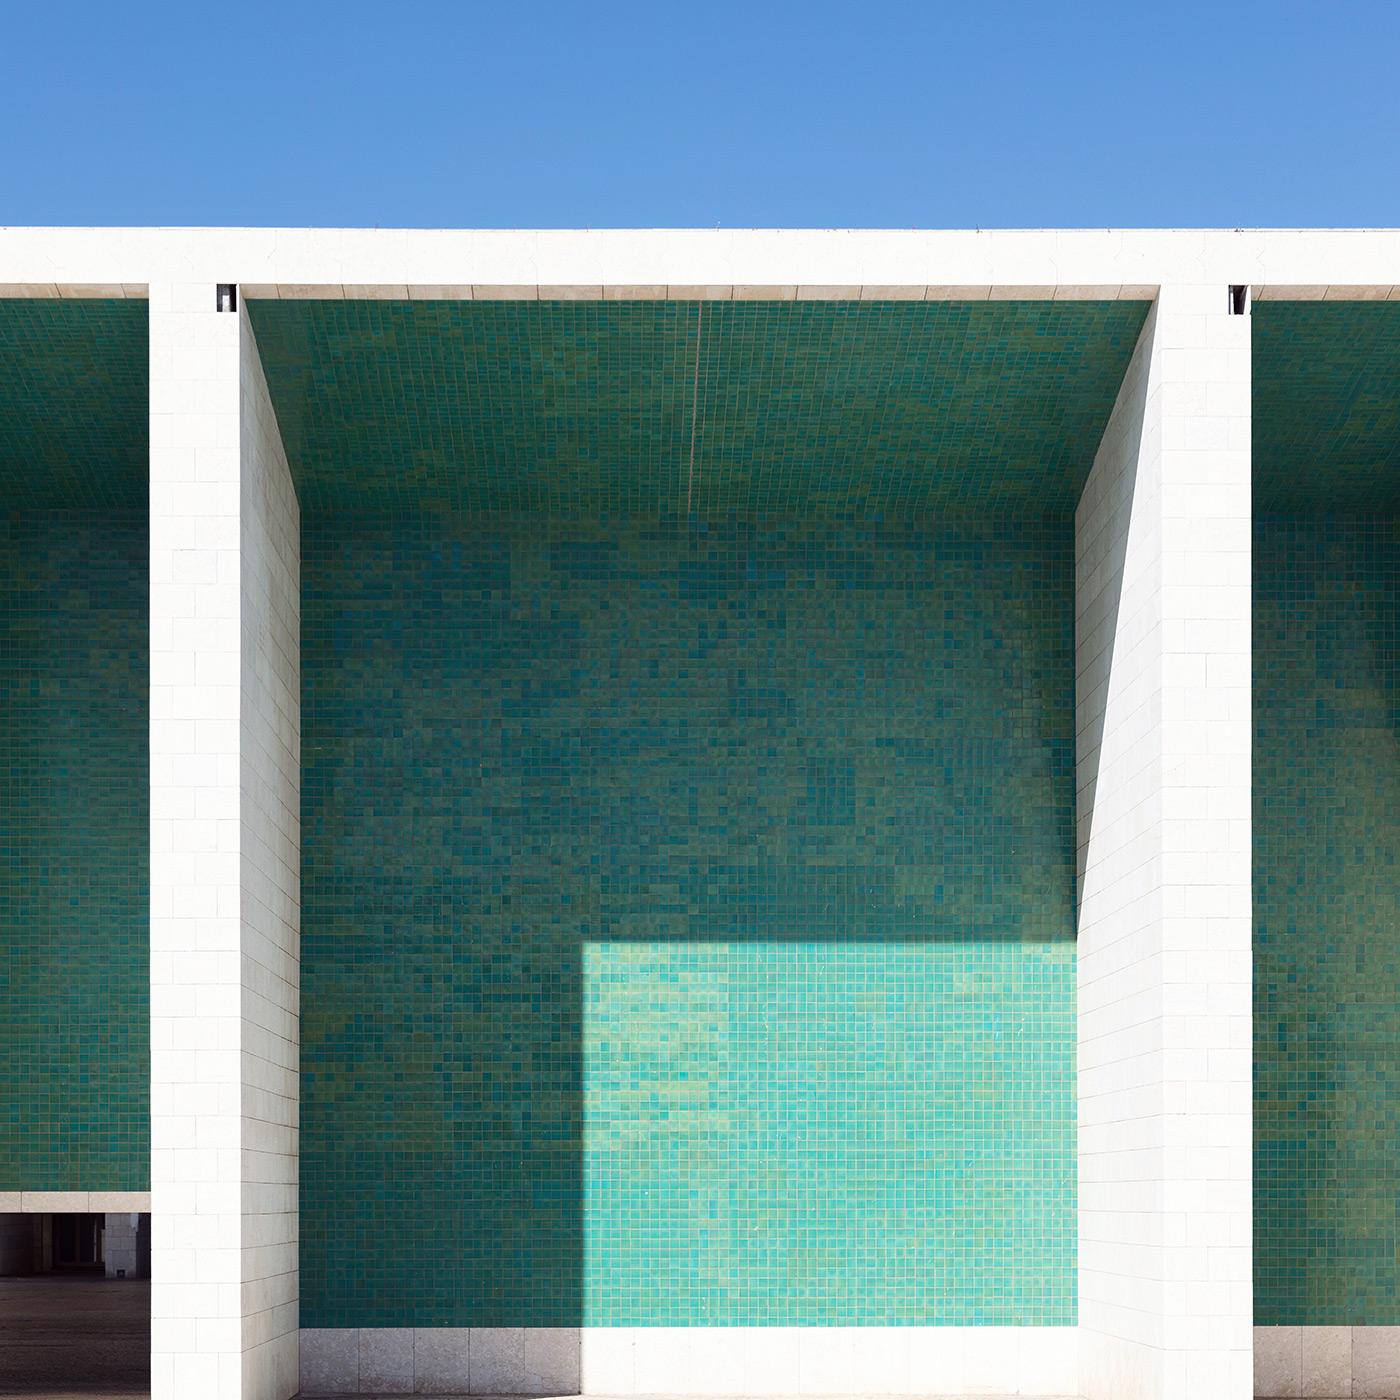 Expo'98 Portuguese National Pavilion . Location: Lisbon, Portugal . Architect: Álvaro Siza Vieira